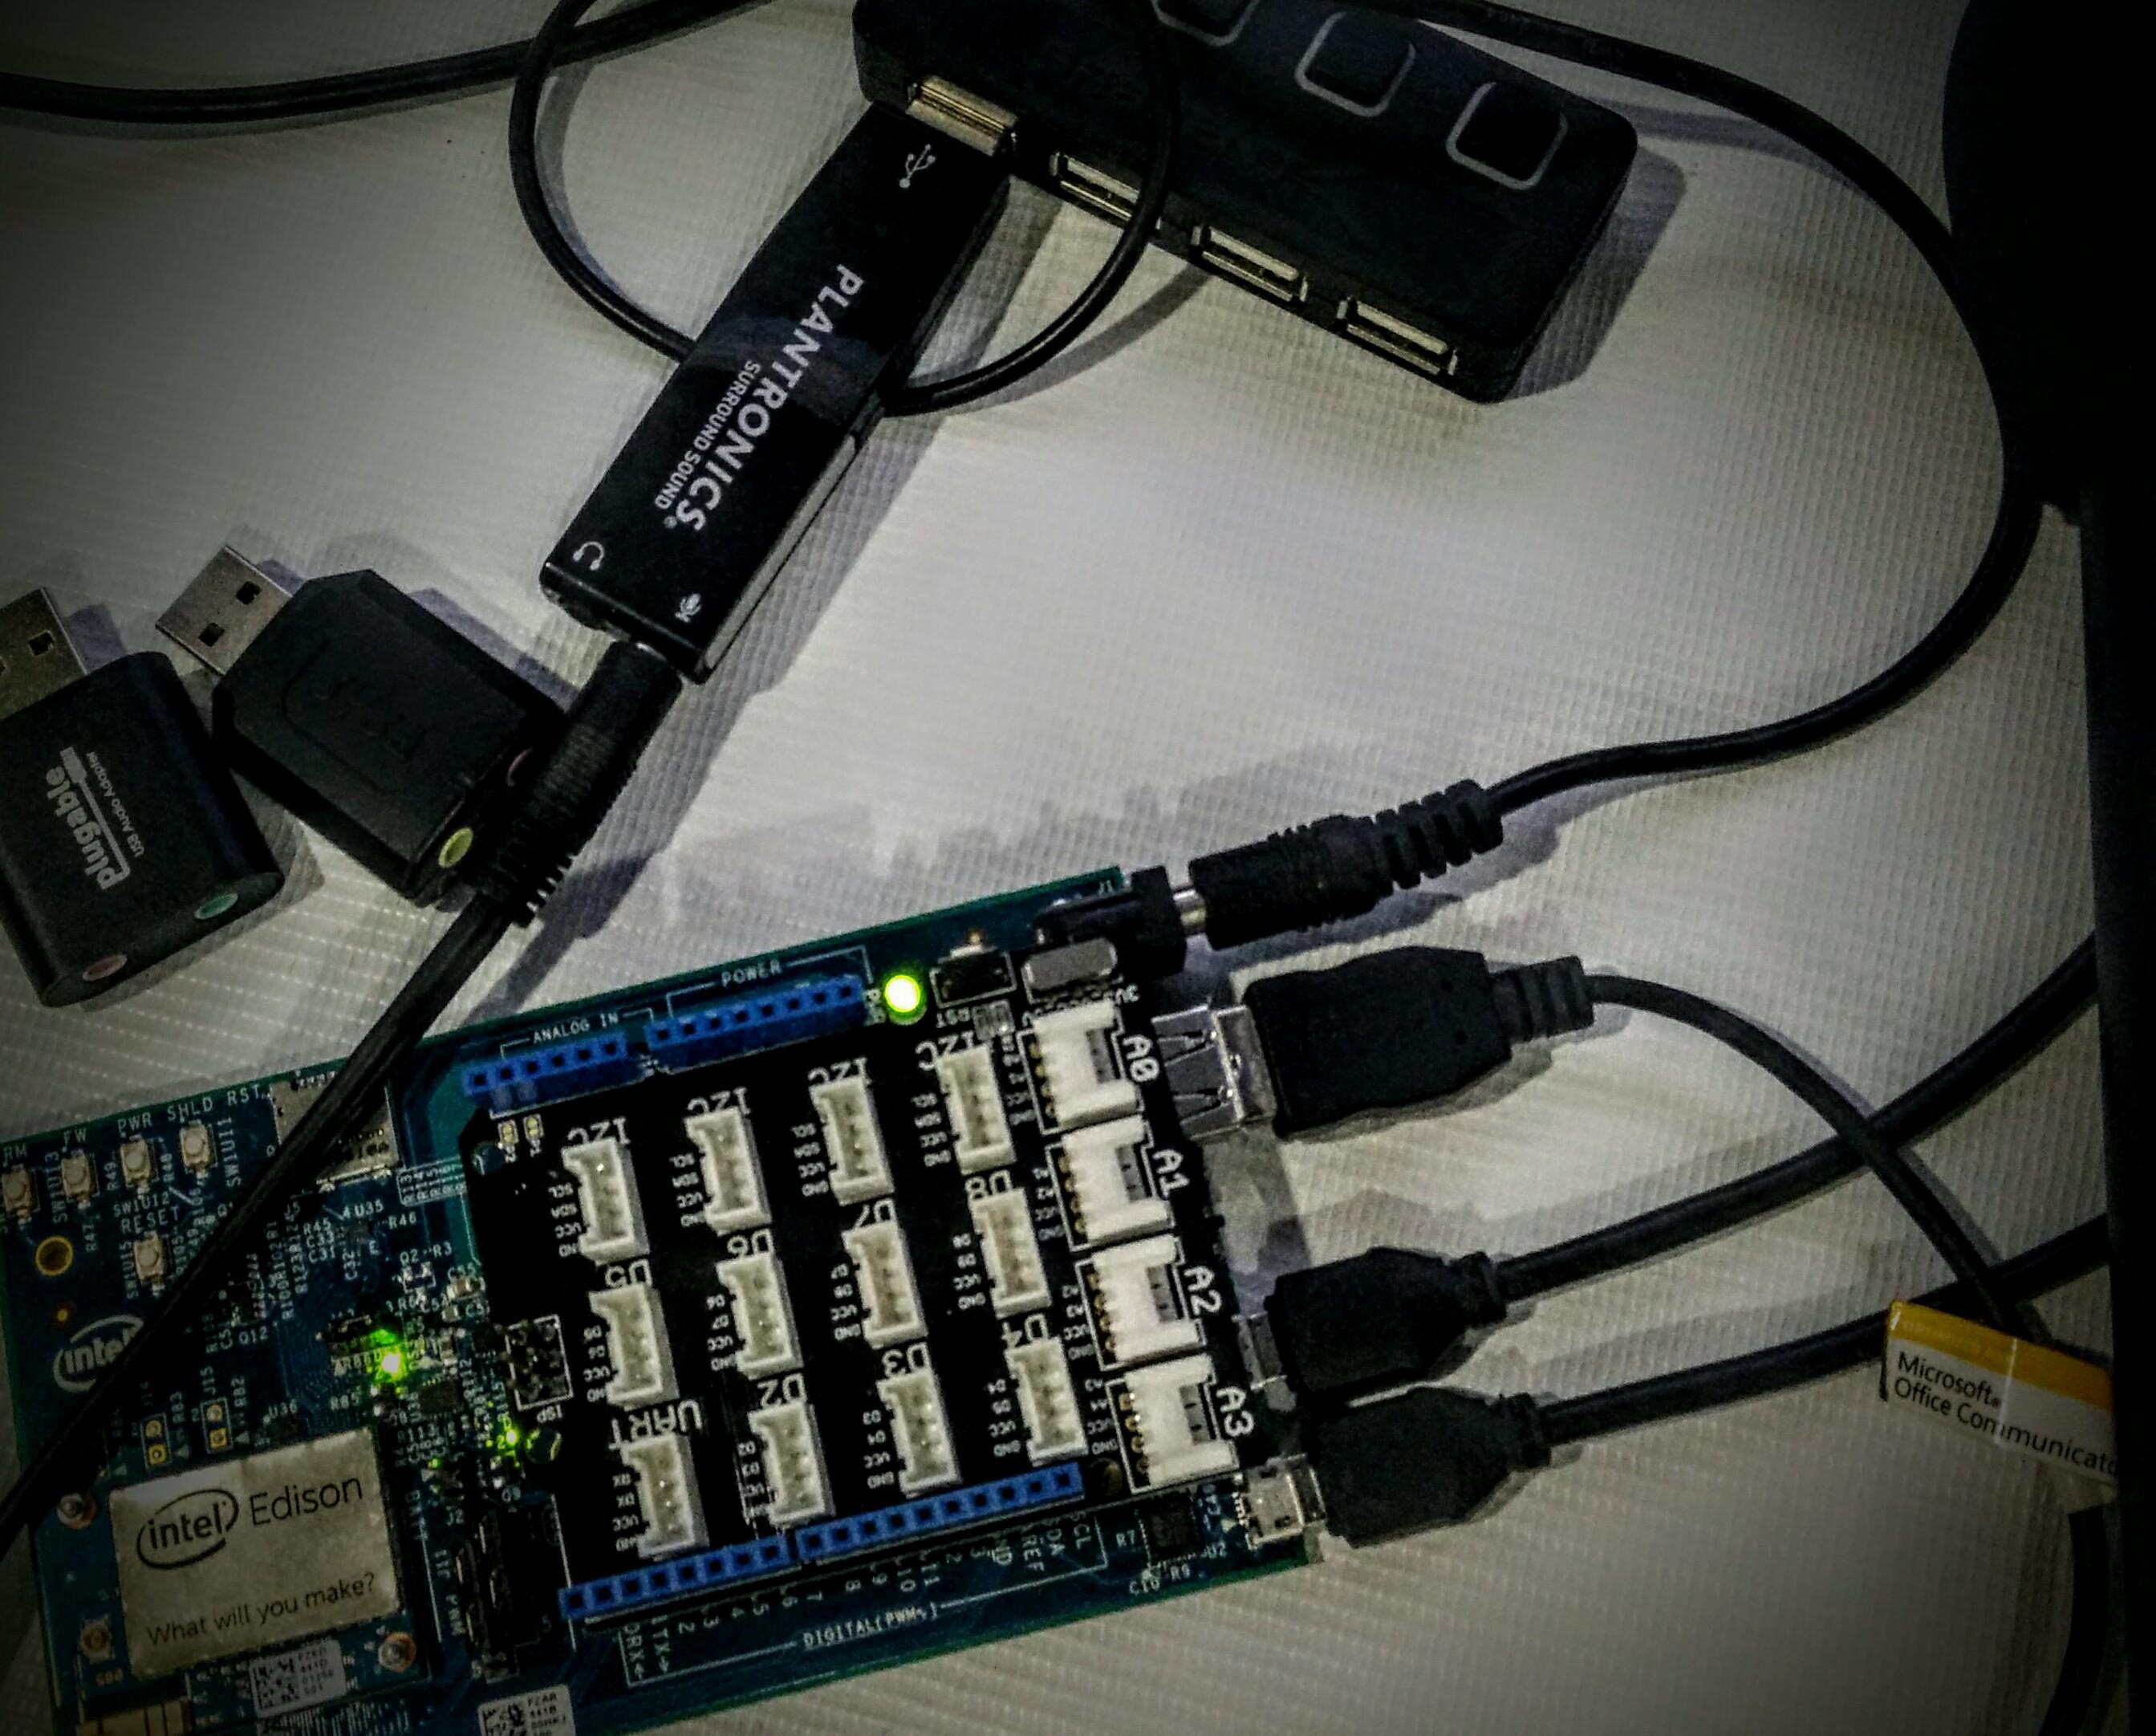 Intel Edison – Cómo Grabar Sonido usando un adaptador USB